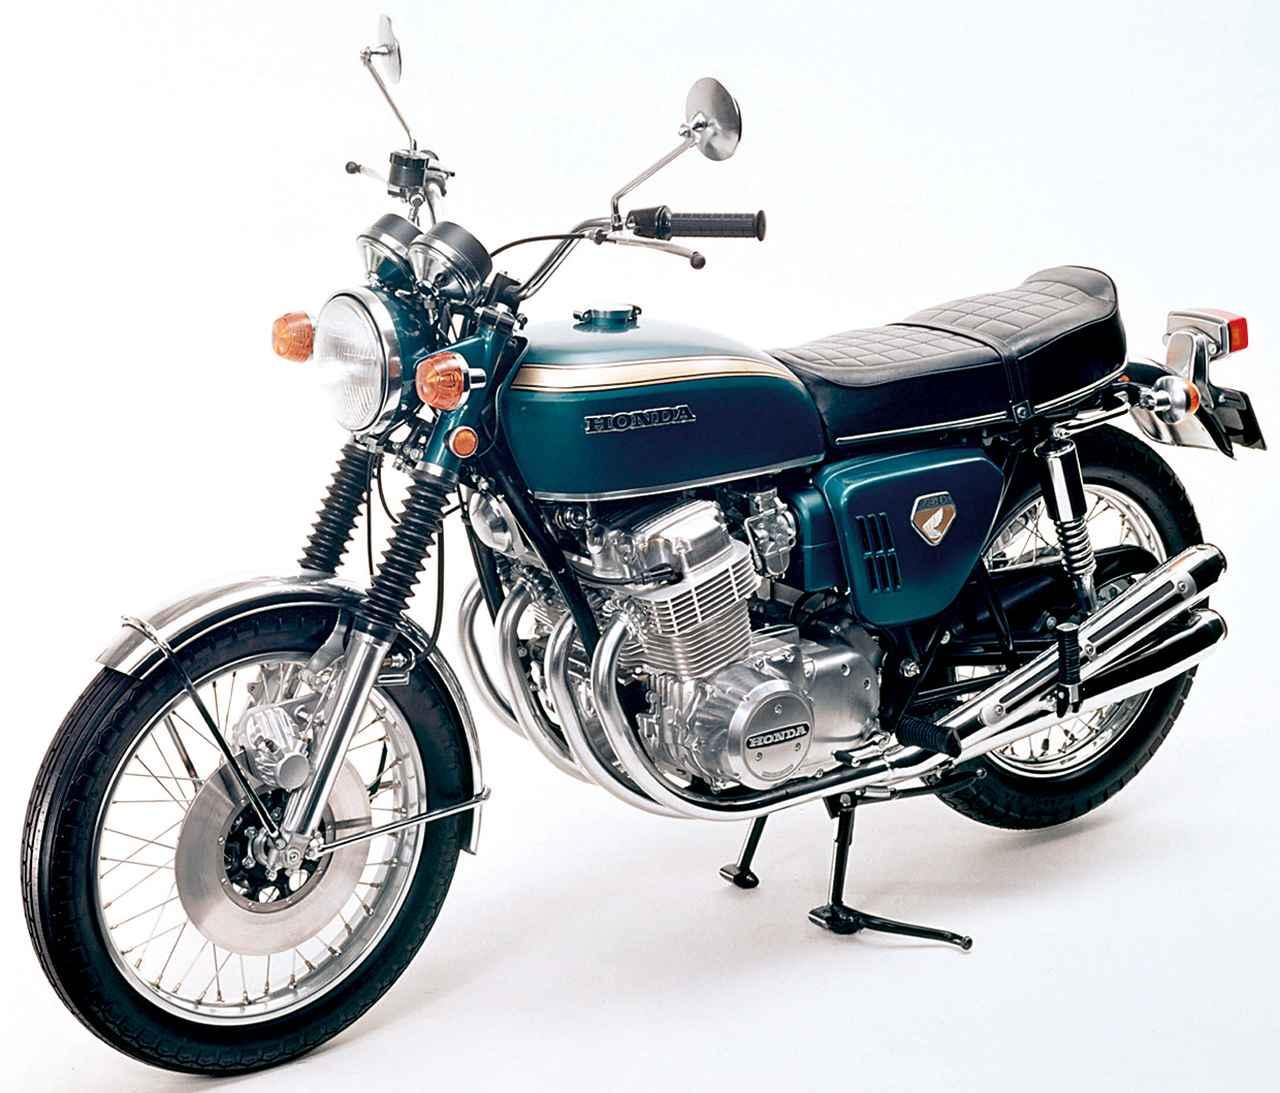 画像: DREAM CB750 Four 1969年 日本車の時代を築いた、ホンダ・空冷CBの金字塔。736㏄の空冷SOHC4気筒は67PSを発揮、量産車初の最高速200㎞/h越えを果たしたのは有名な話。初期型のK0はクランクケースを砂型鋳造で製造していたが、オーダーが殺到して急遽ダイキャストに切り替えられた。